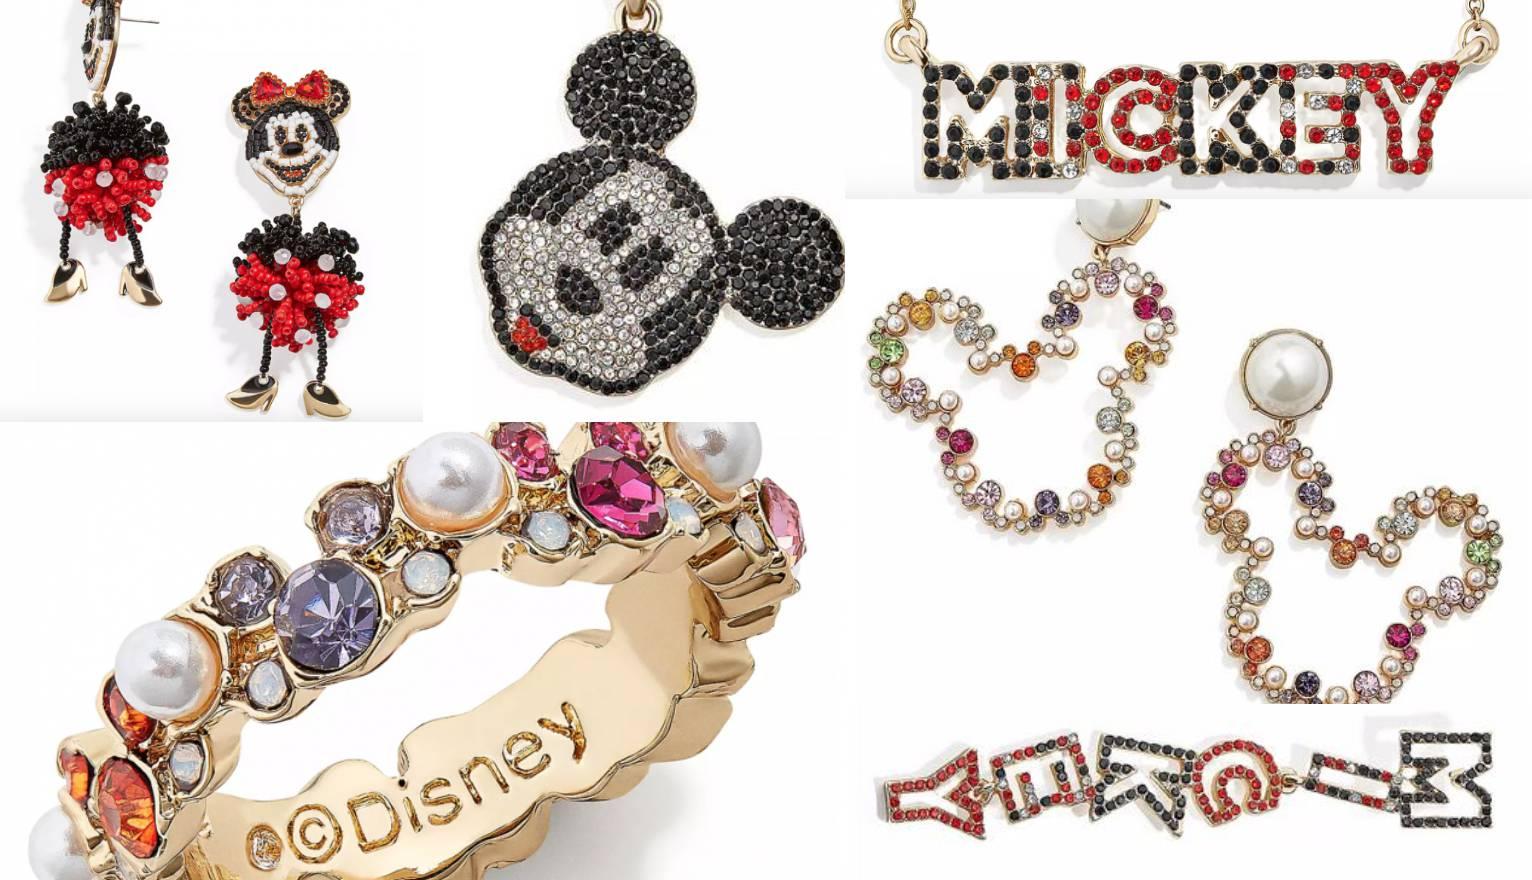 Baš je super: Nakit za velike cure s likovima Mickey i Minnie